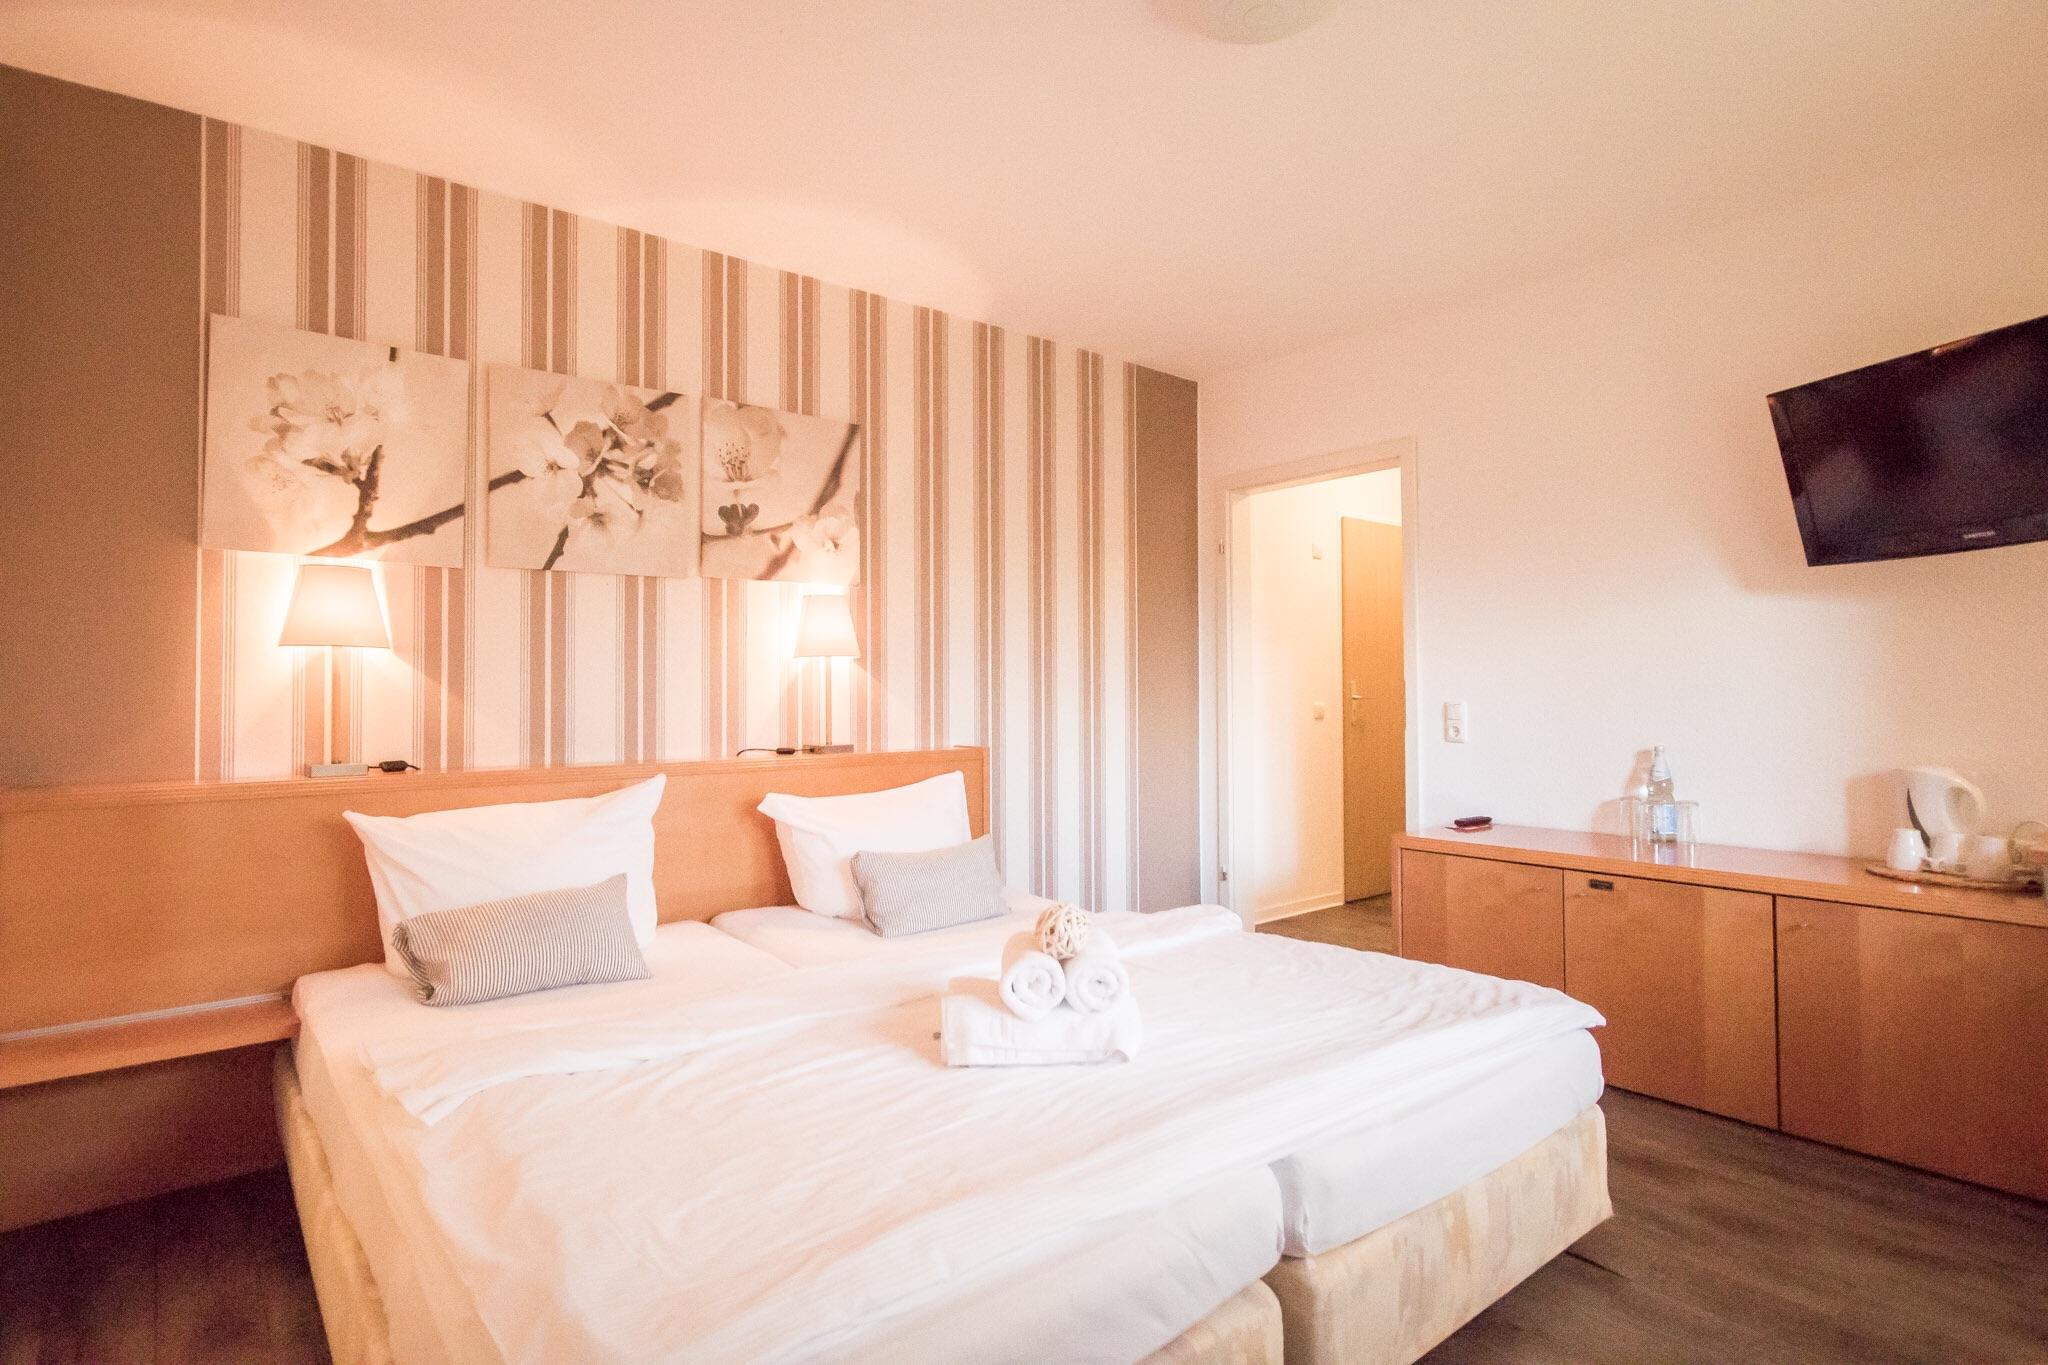 Hotelzimmer Preise für unser Hotel an der Nordsee